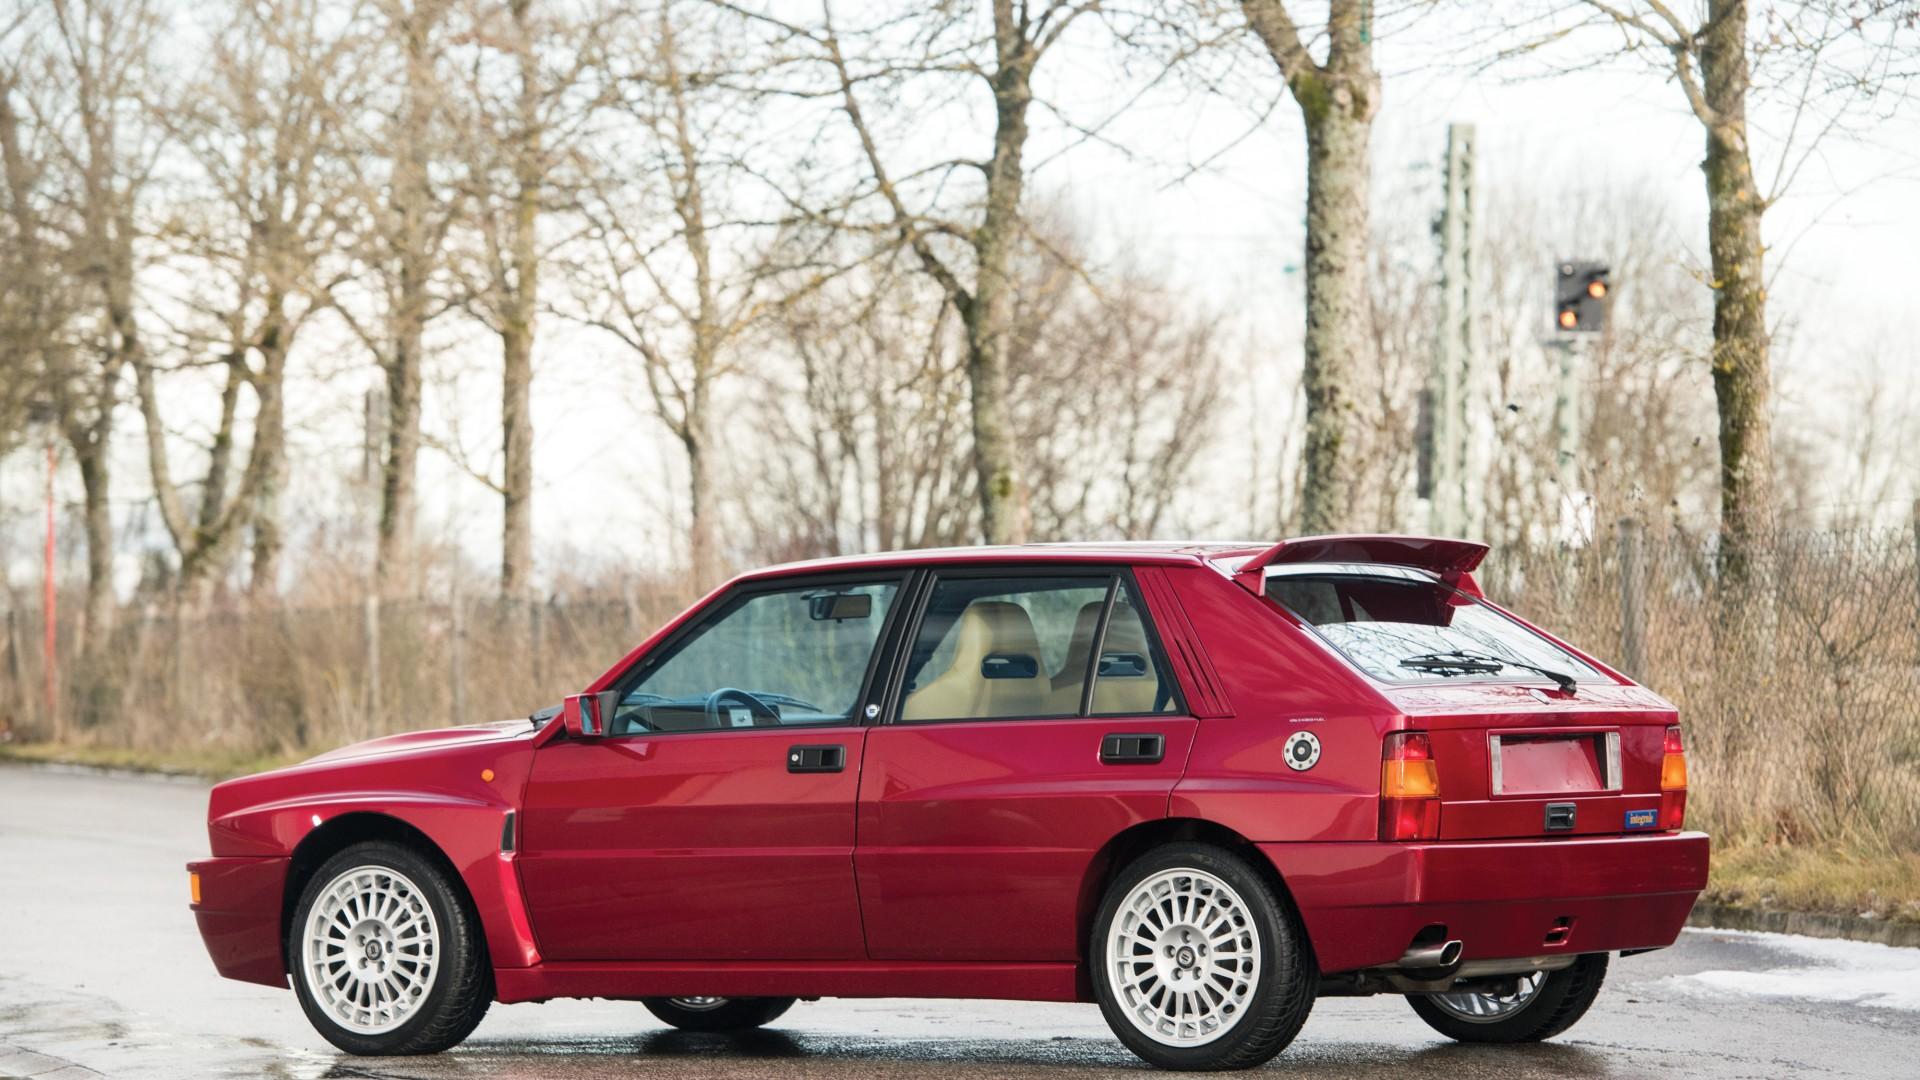 Lancia Delta HF Integrale Evoluzione (1979-1994)